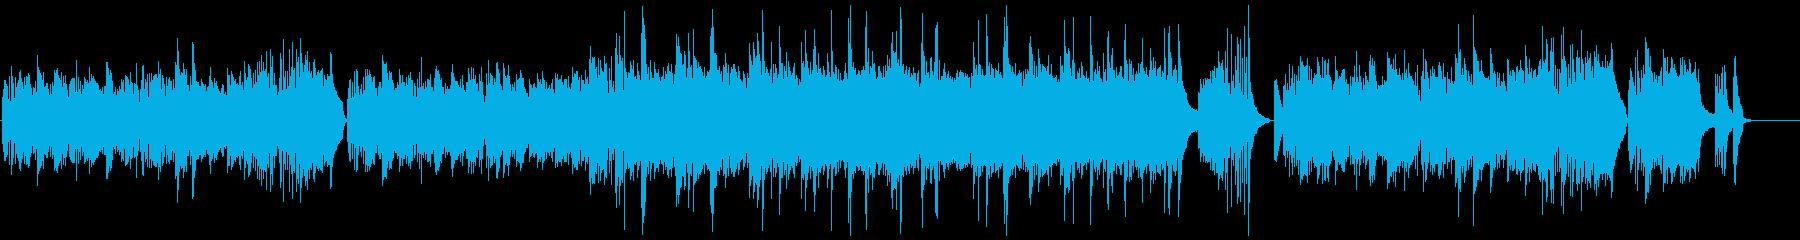 キラキラ、コロコロ流れるようなピアノの再生済みの波形